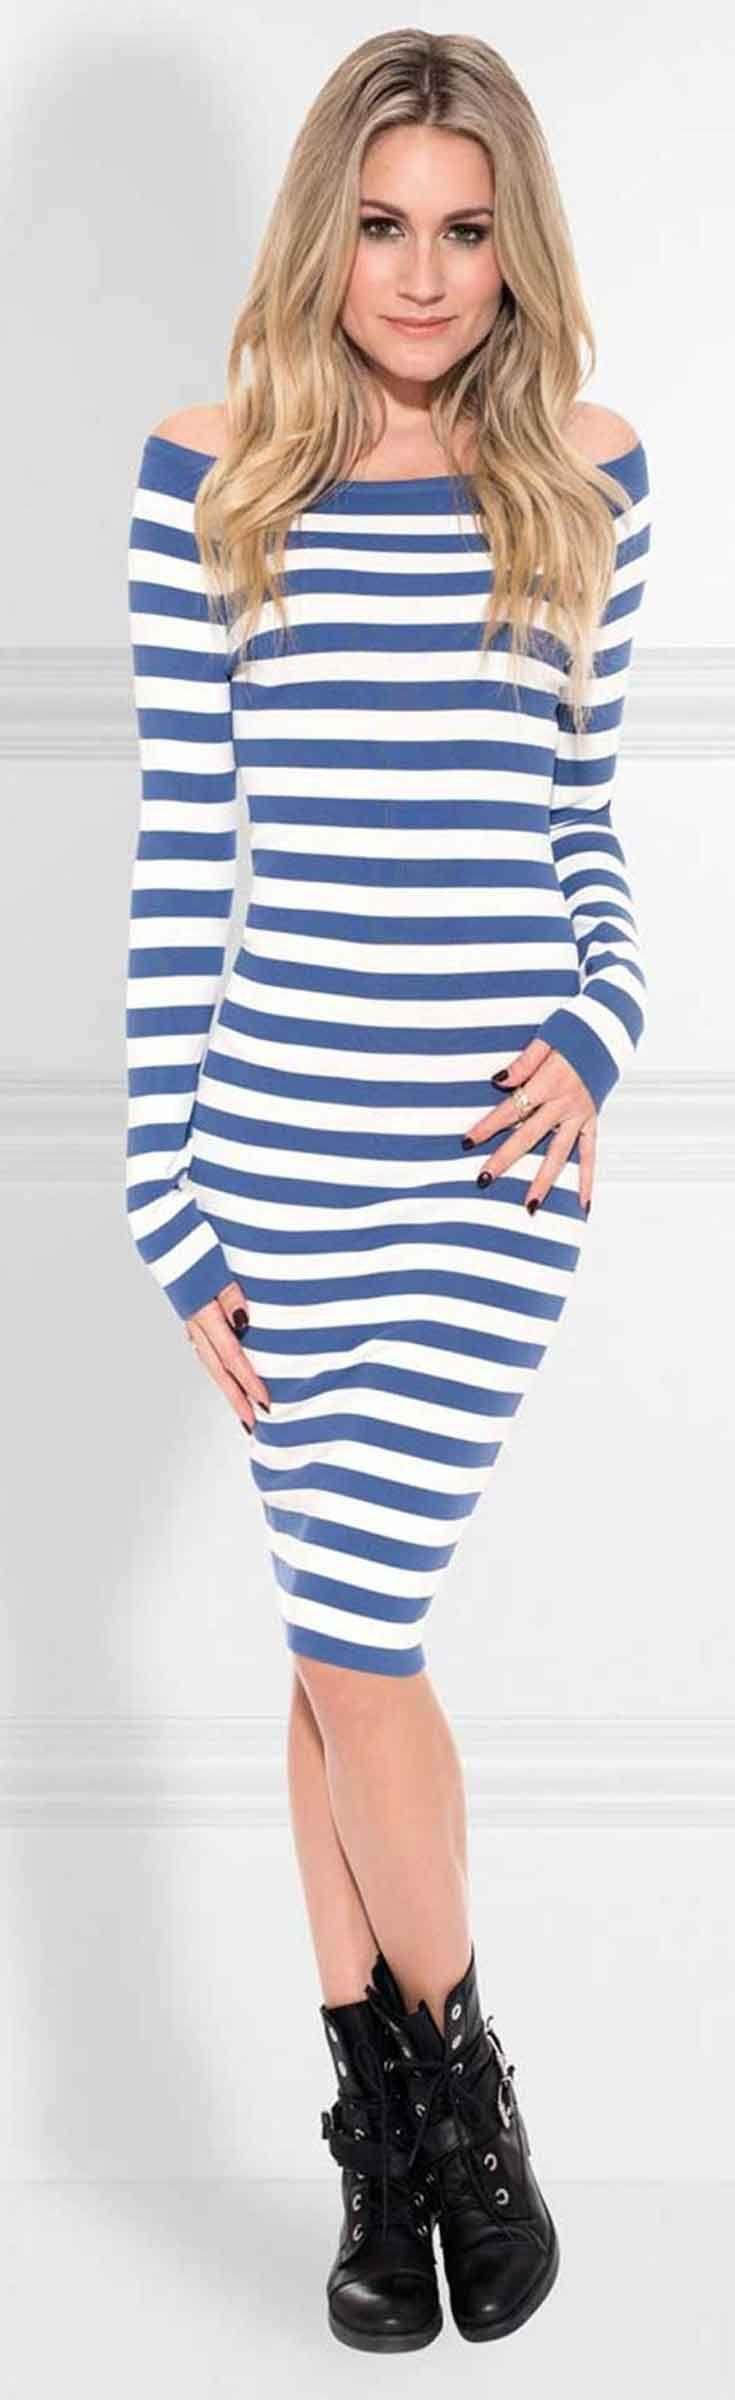 Nikkie Jolie Offshoulder Dress. Deze fijngebreide jurk met streepdessin heeft veel stretch. De jurk is casual, maar tegelijkertijd ook vrouwelijk en sexy.  Nieuwsgierig naar de rest van de collectie winter 2018 van Nikkie Plessen? Check onze webshop @ https://www.nummerzestien.eu/nikkie/